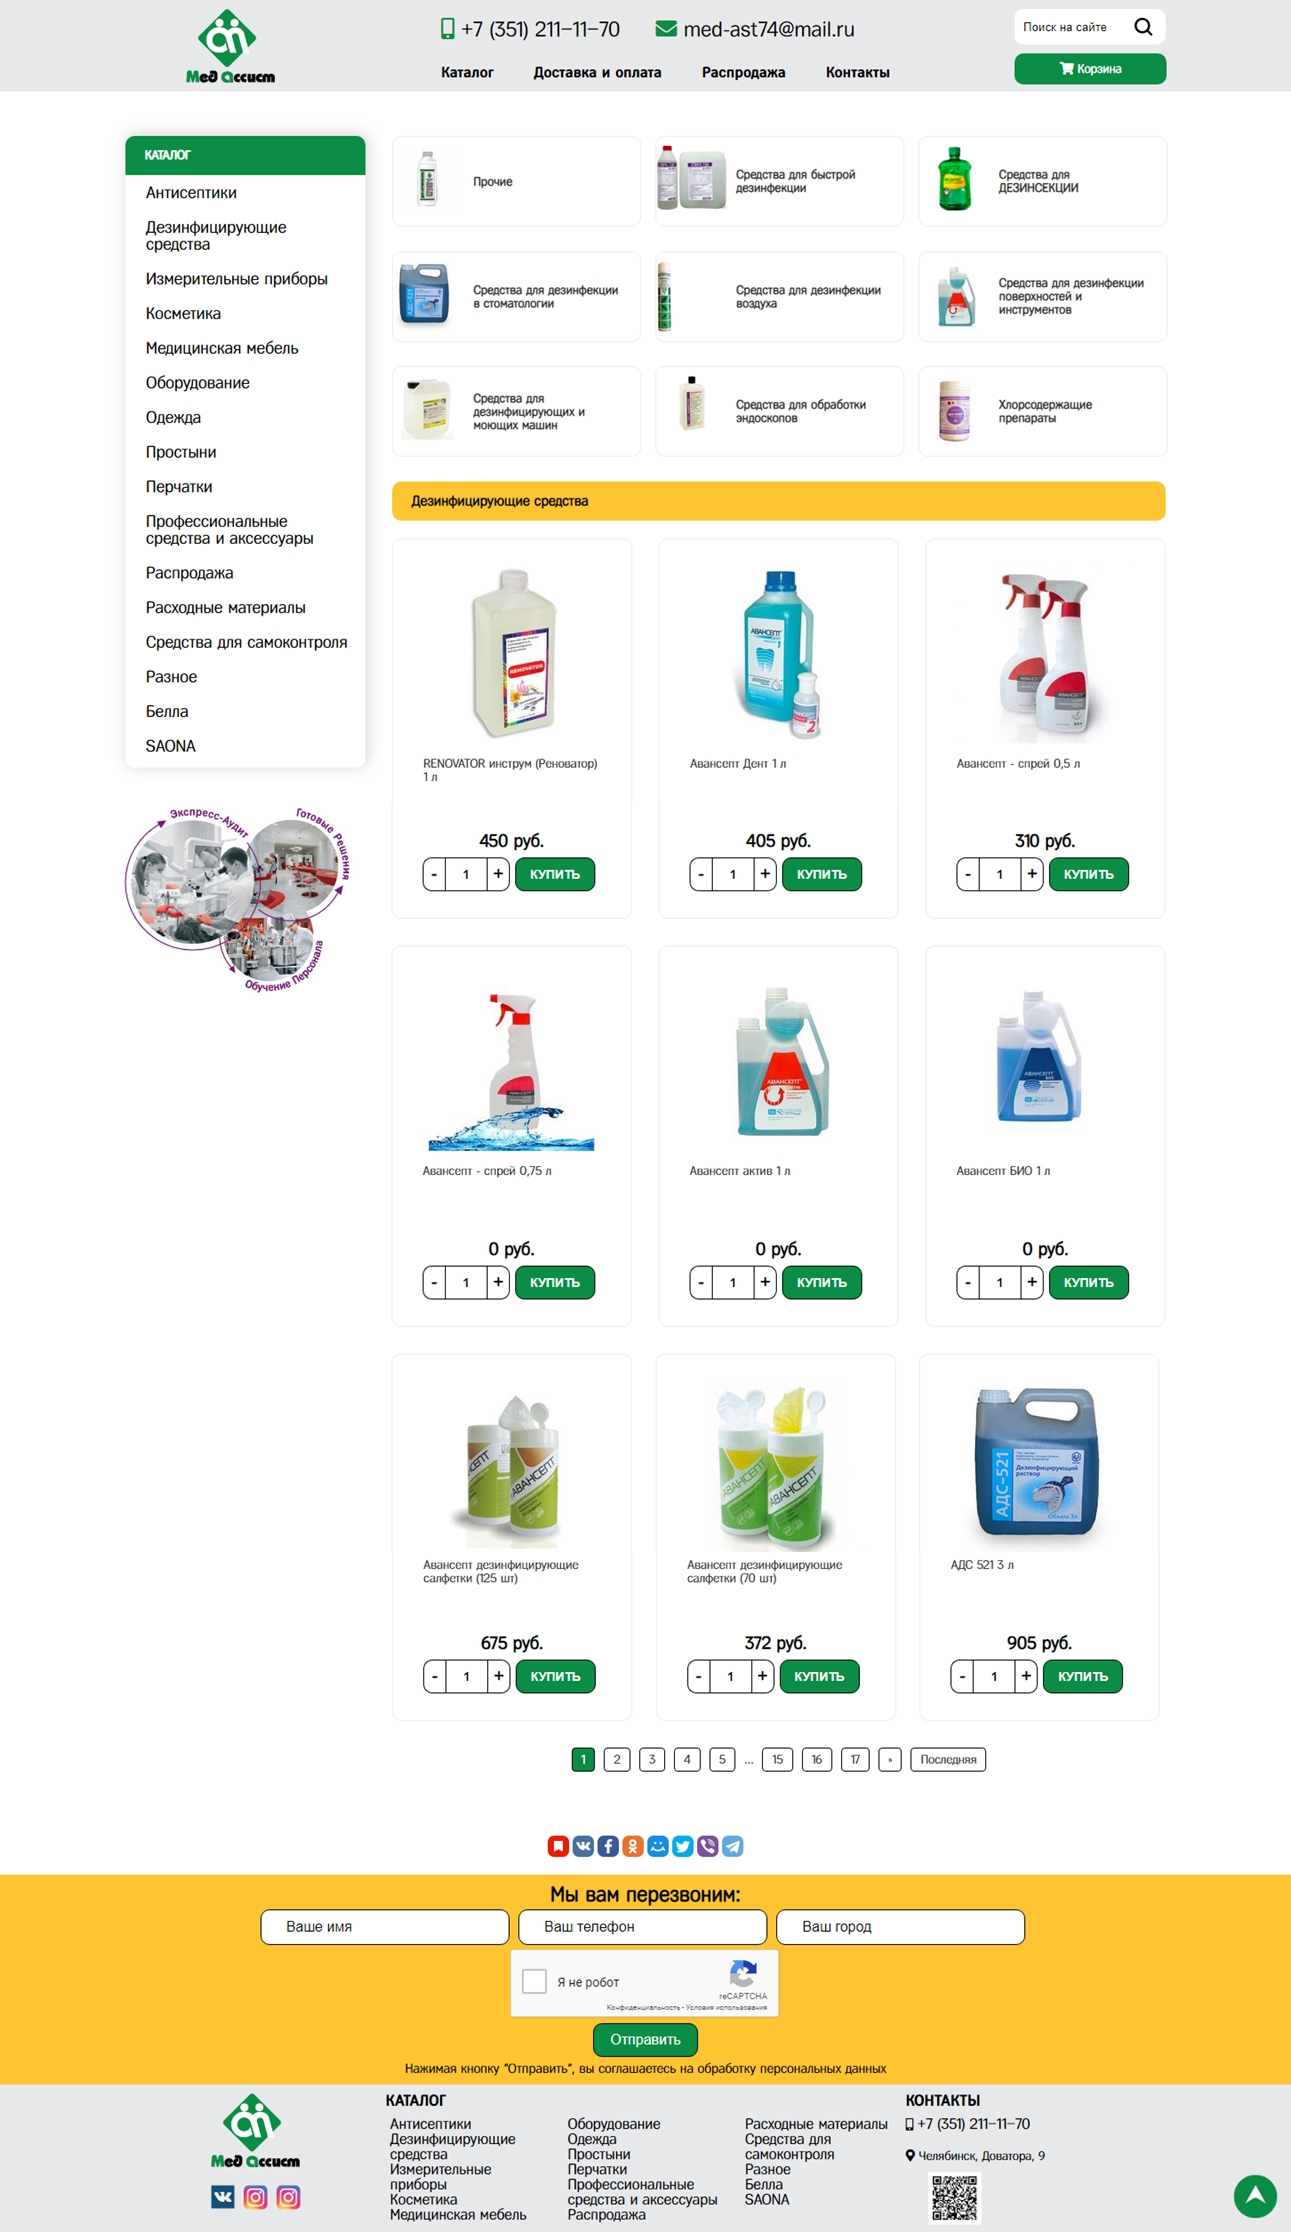 Создание интернет-магазина медицинских товаров